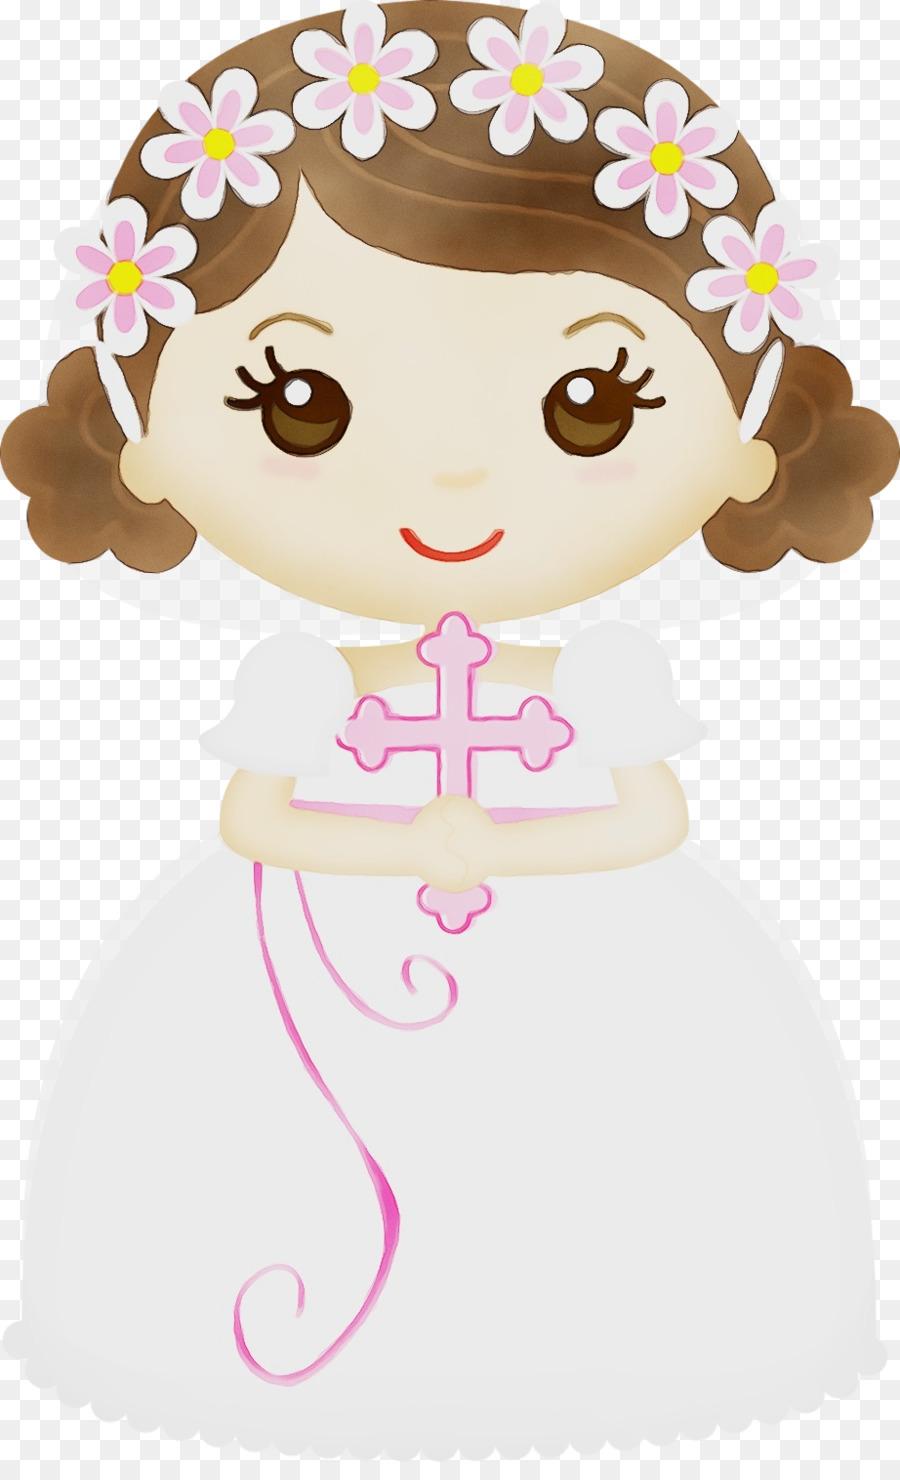 Descarga gratuita de La Primera Comunión, Eucaristía, Niño Imágen de Png